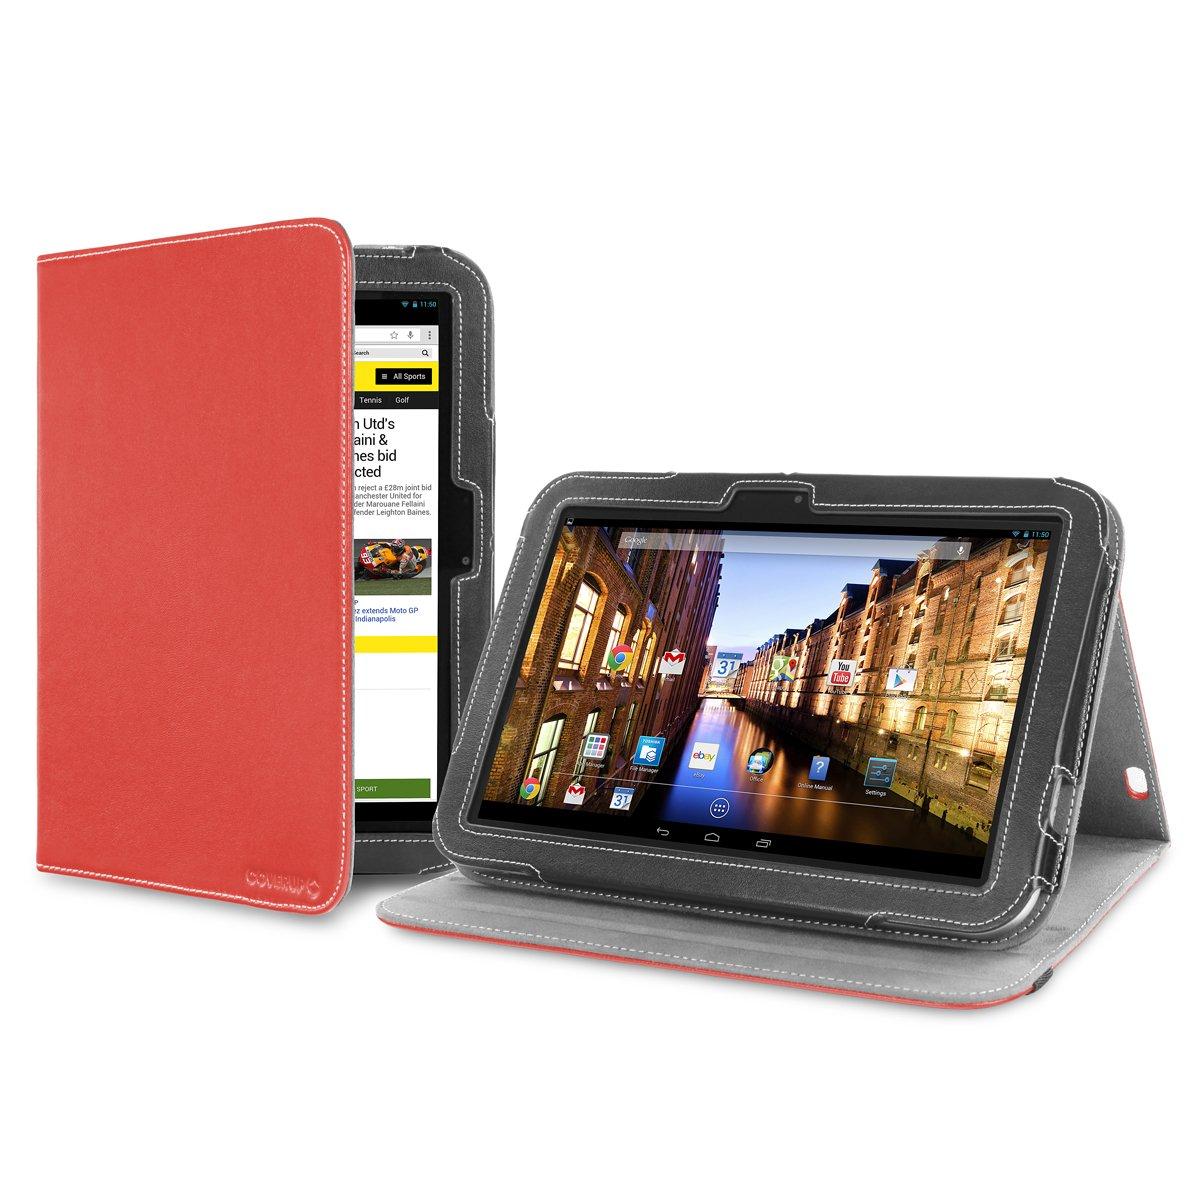 Cover-Up - Funda para tablet Toshiba Excite Pro de 10,1 (función atril) rosso  Informática Comentarios y más información